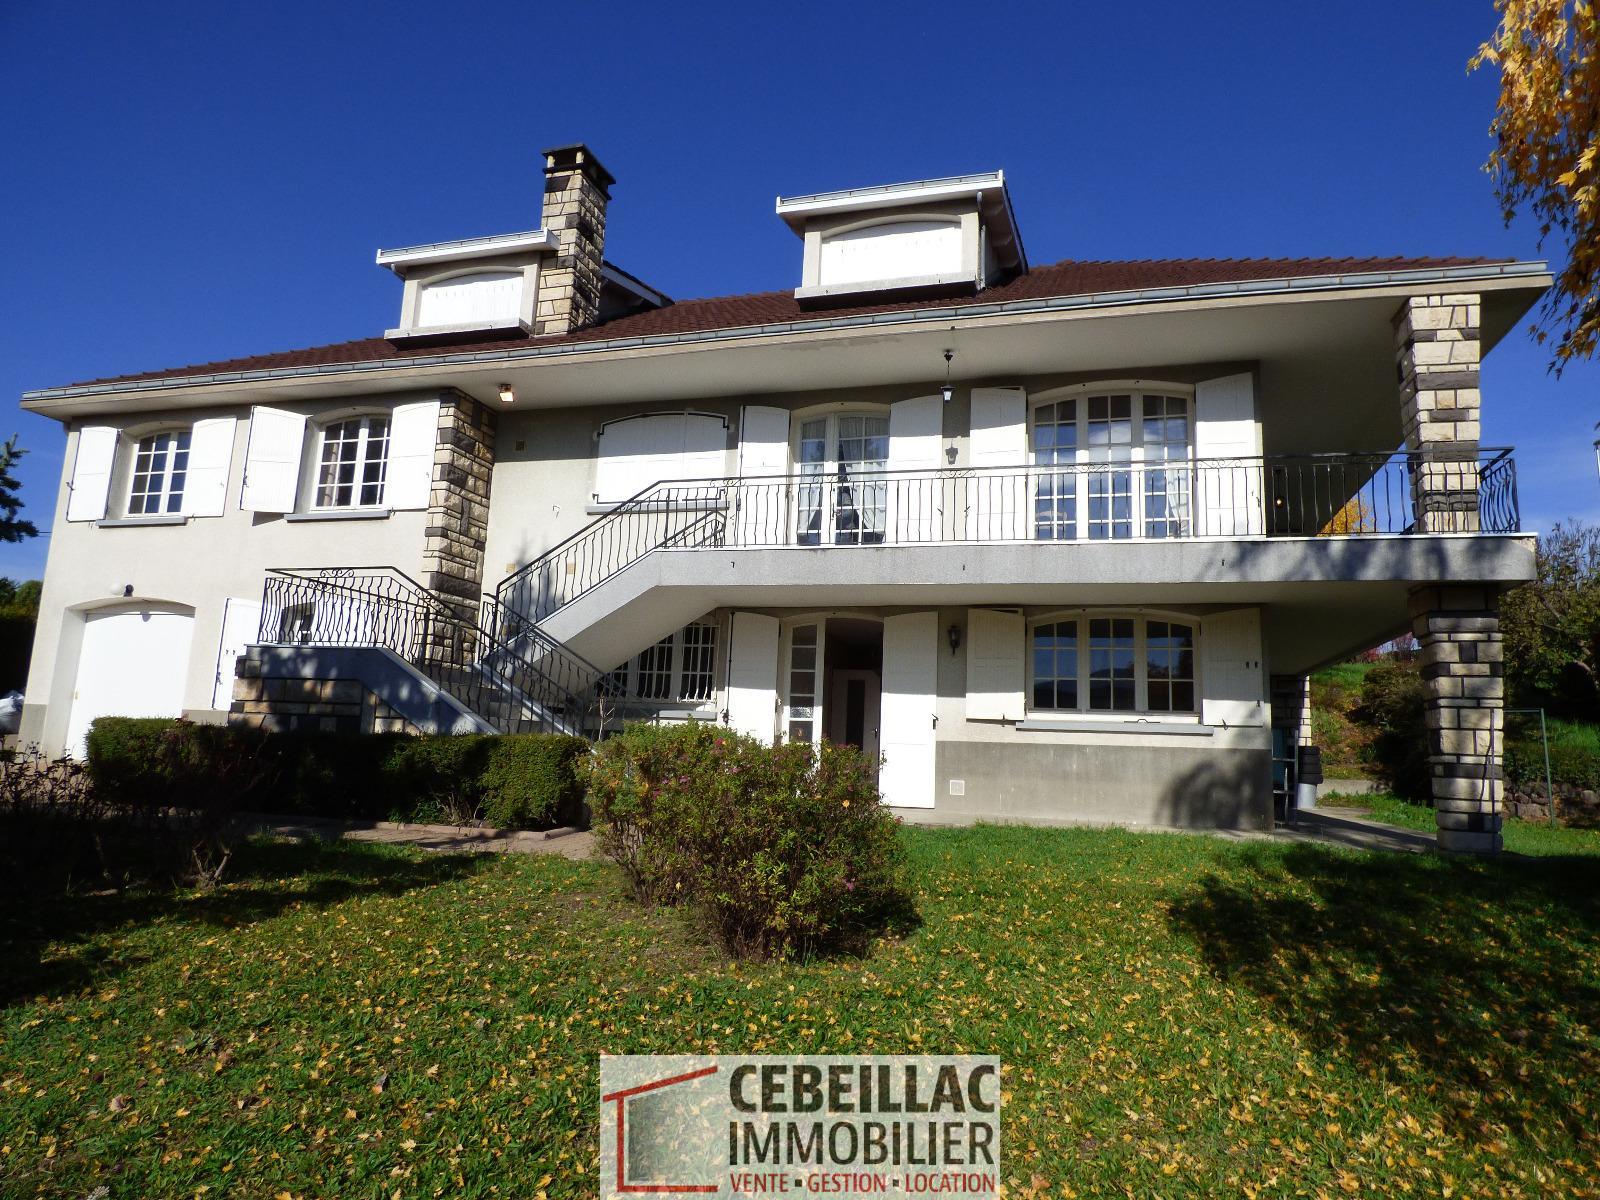 Vente cebeillac immobilier - Maison jardin nantes clermont ferrand ...